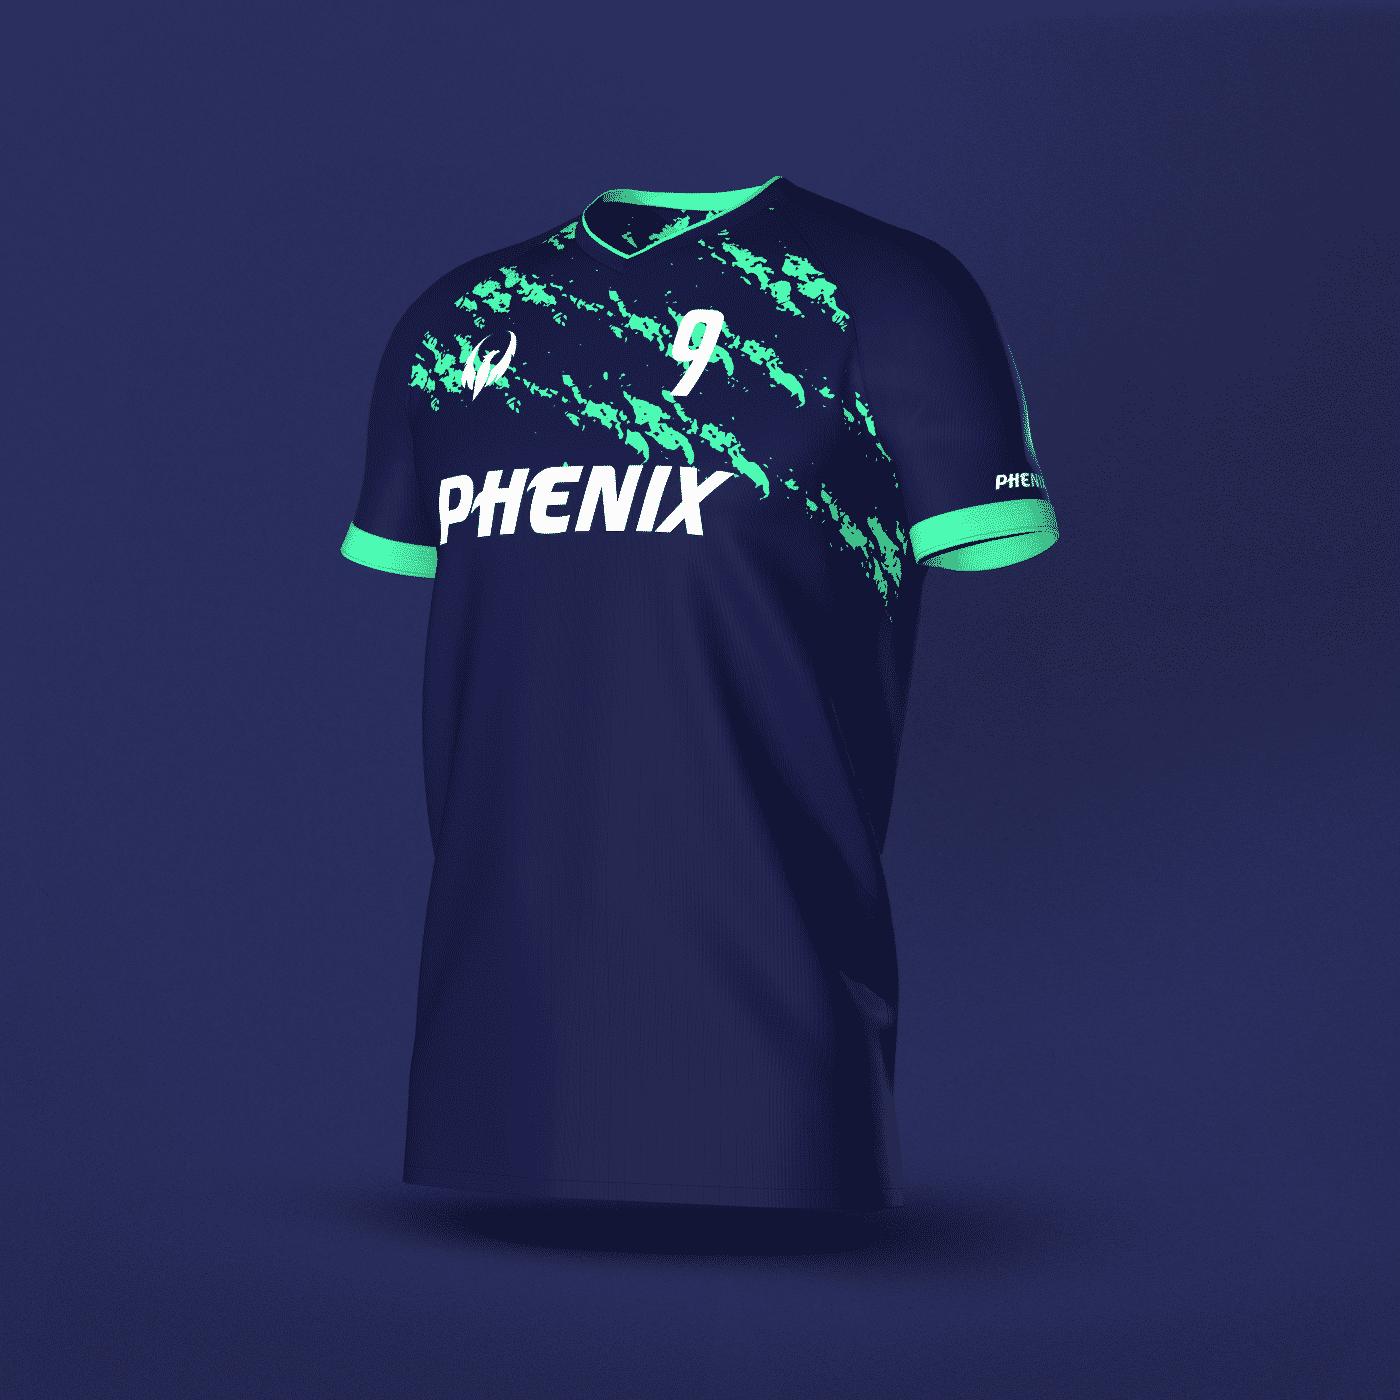 des-maillots-de-volley-ecoresponsables-cest-possible-avec-phenix-sport-3